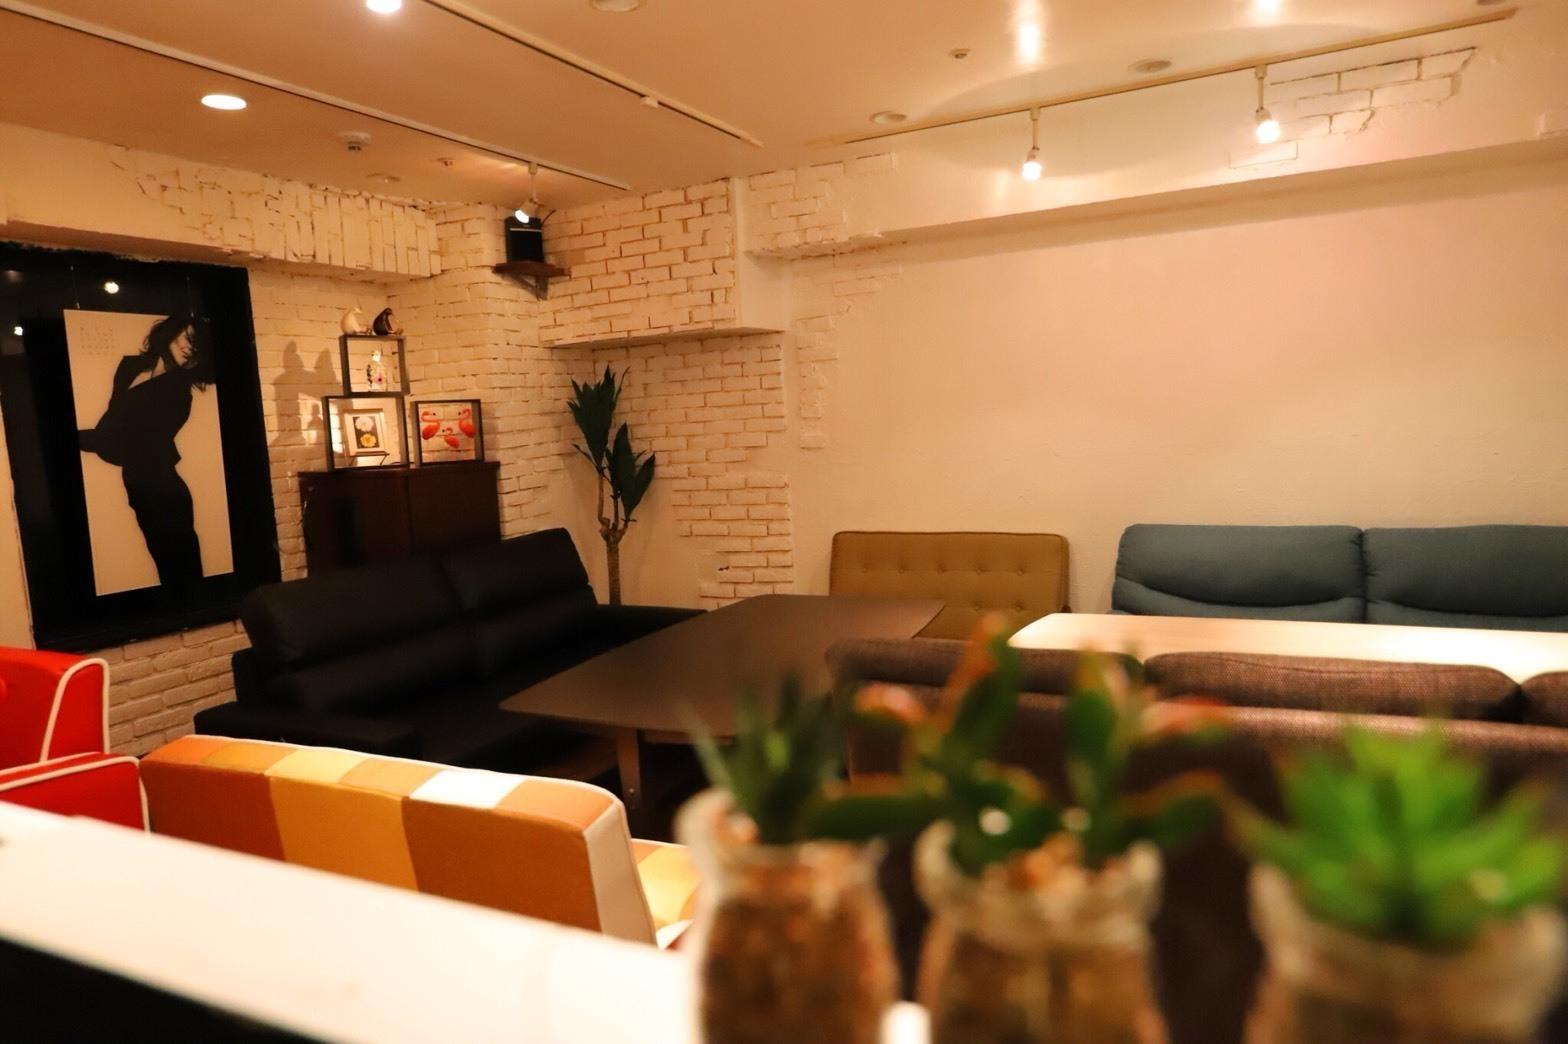 キッチンやミニステージを備えた空間で、料理教室やパーティーの他、セミナーや即売会など自由に活用できます。(キッチンやステージを備えた空間で、料理教室やパーティーの他、セミナーや即売会など自由に活用できます。) の写真0